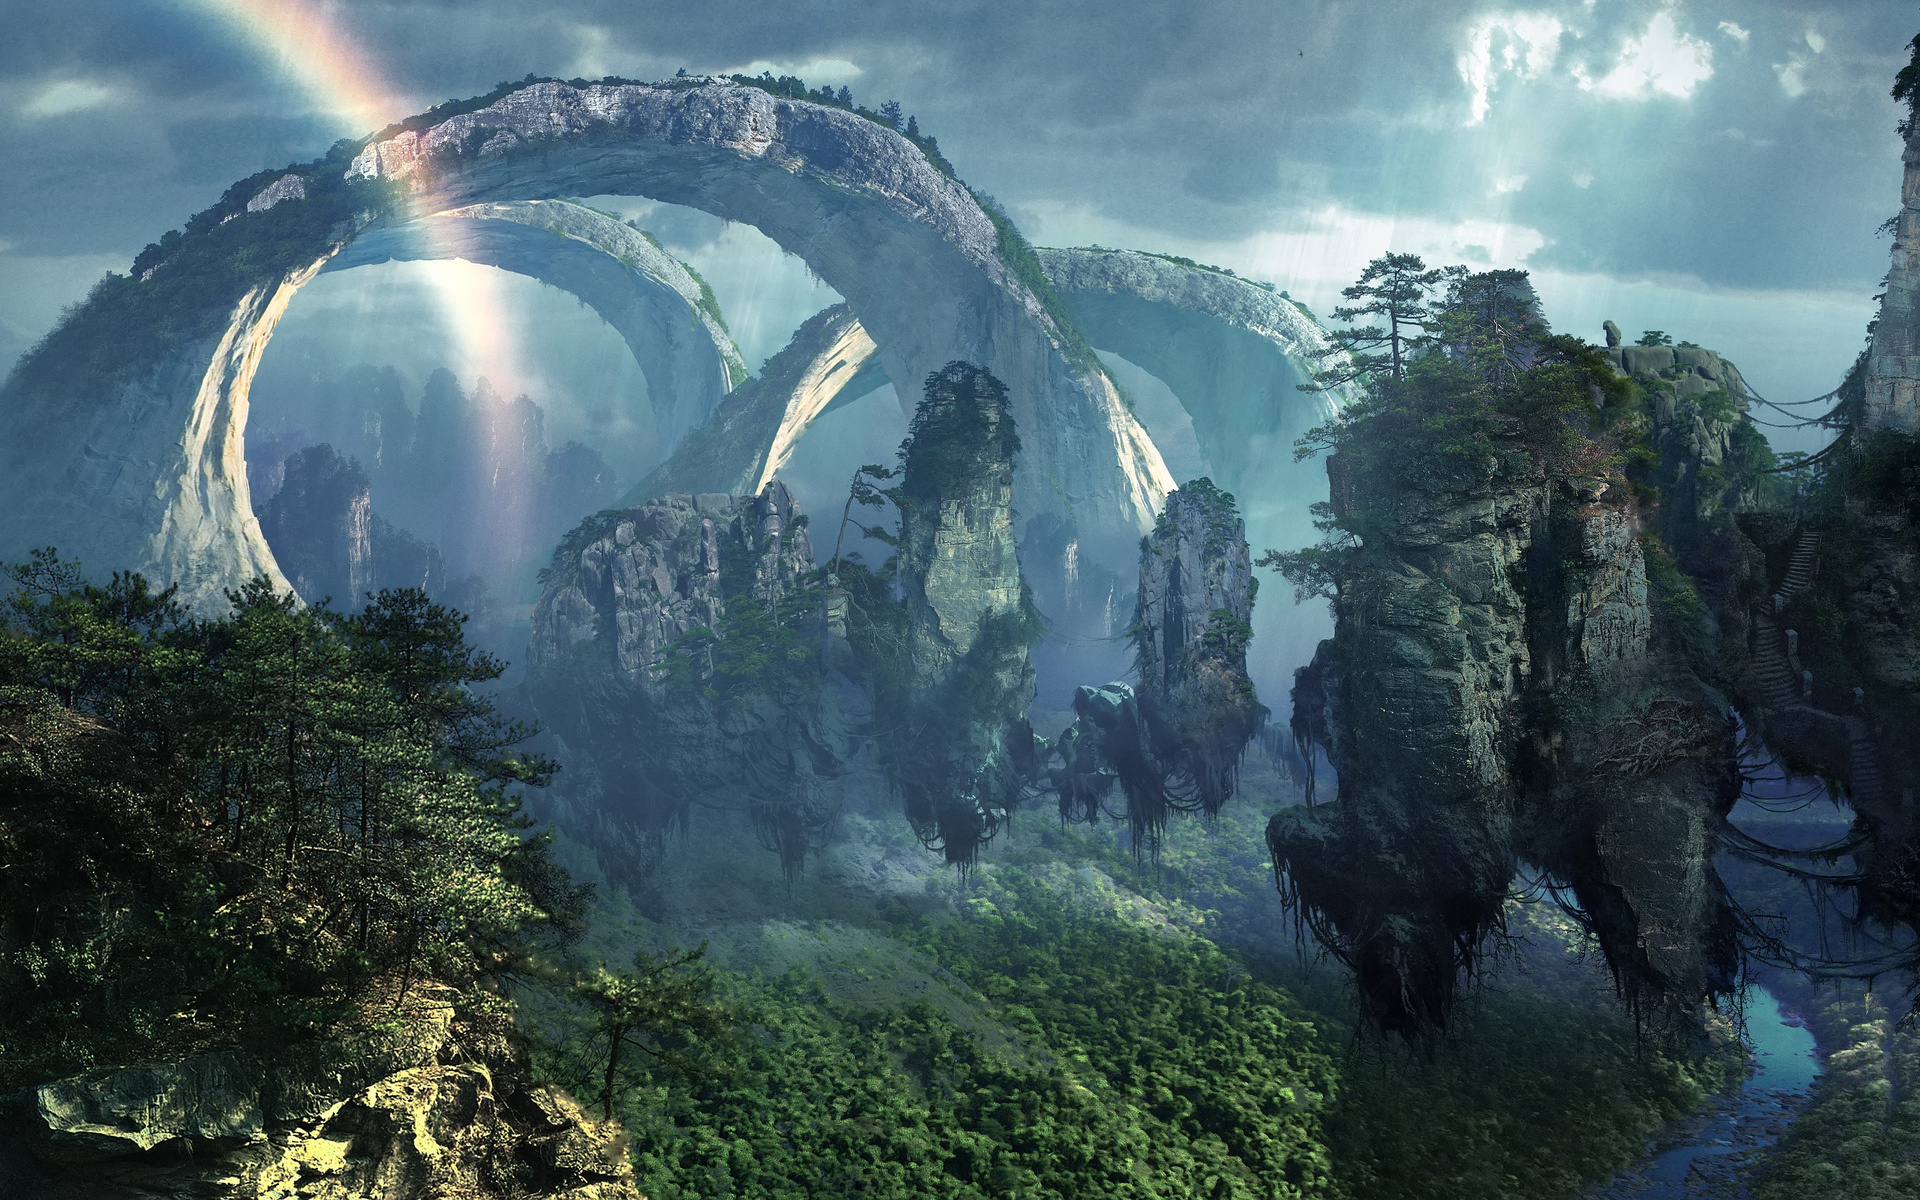 Fantasy nature art magic island surreal dream wallpaper 1920x1200 1920x1200